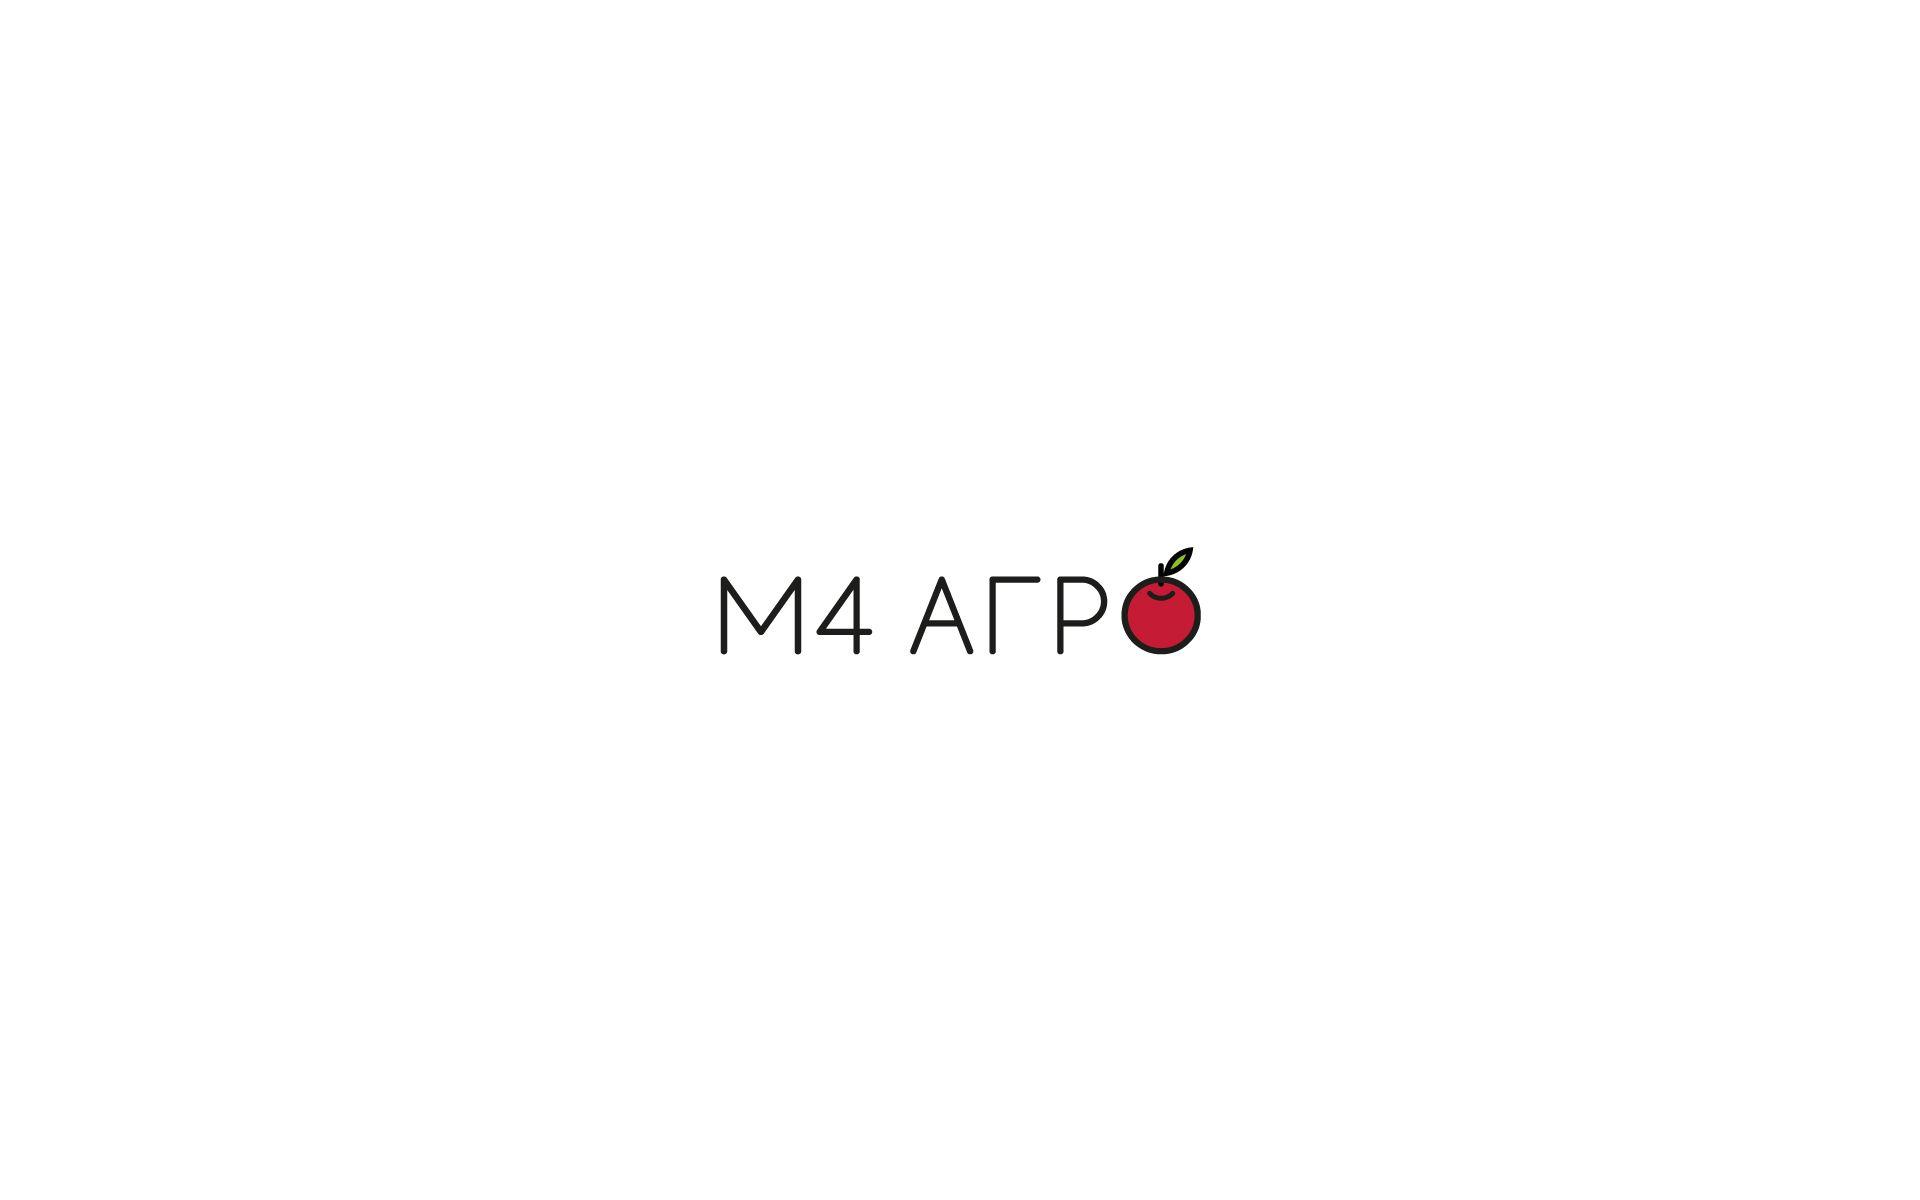 Логотип для M4 АГРО - Российские фрукты - дизайнер U4po4mak